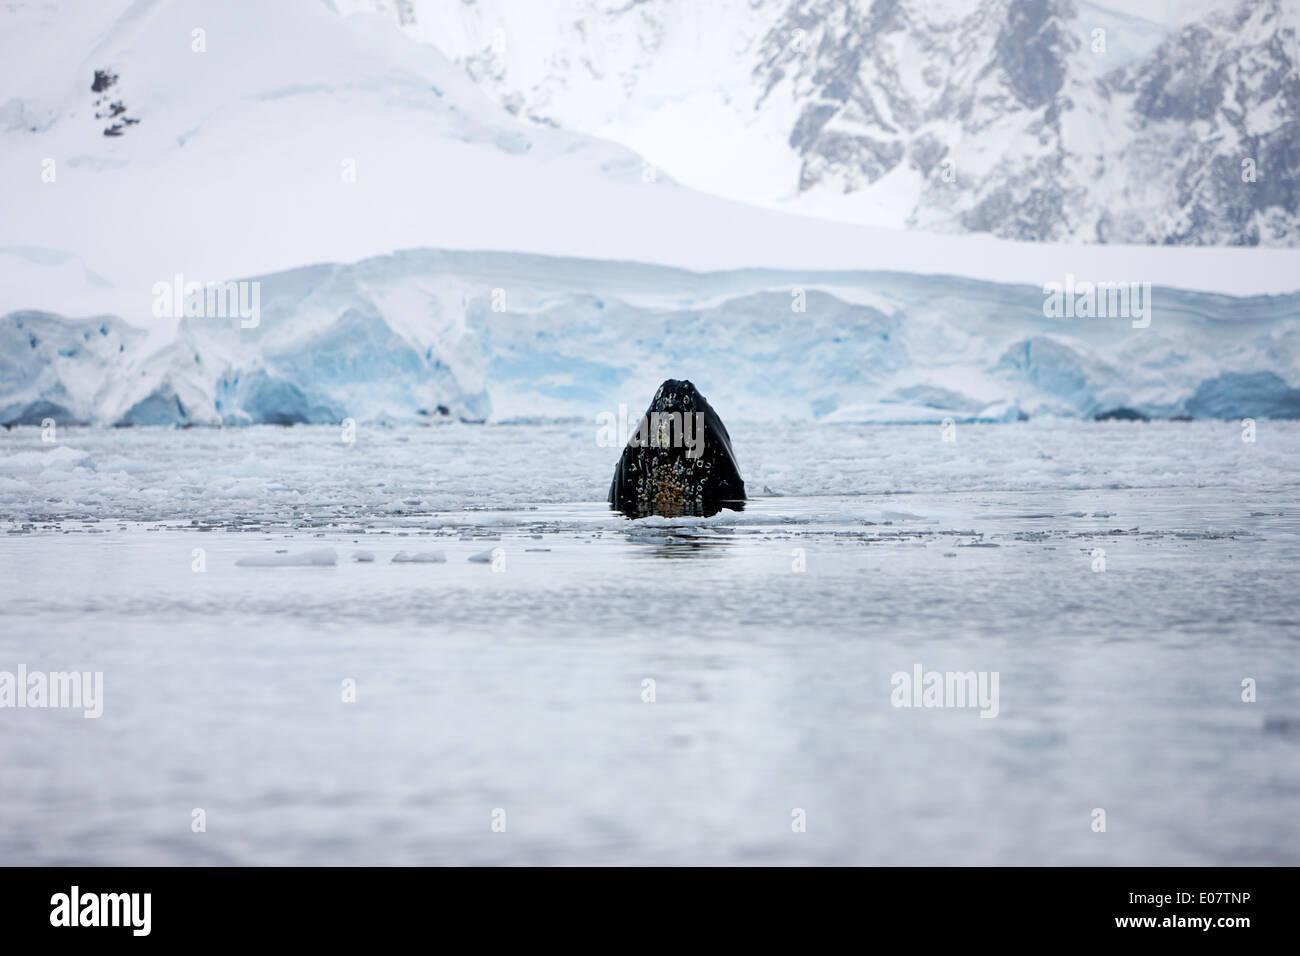 Mündung des Buckelwal Oberfläche zu brechen, während in der Wilhelmina Bay Antarktis Fütterung Stockbild